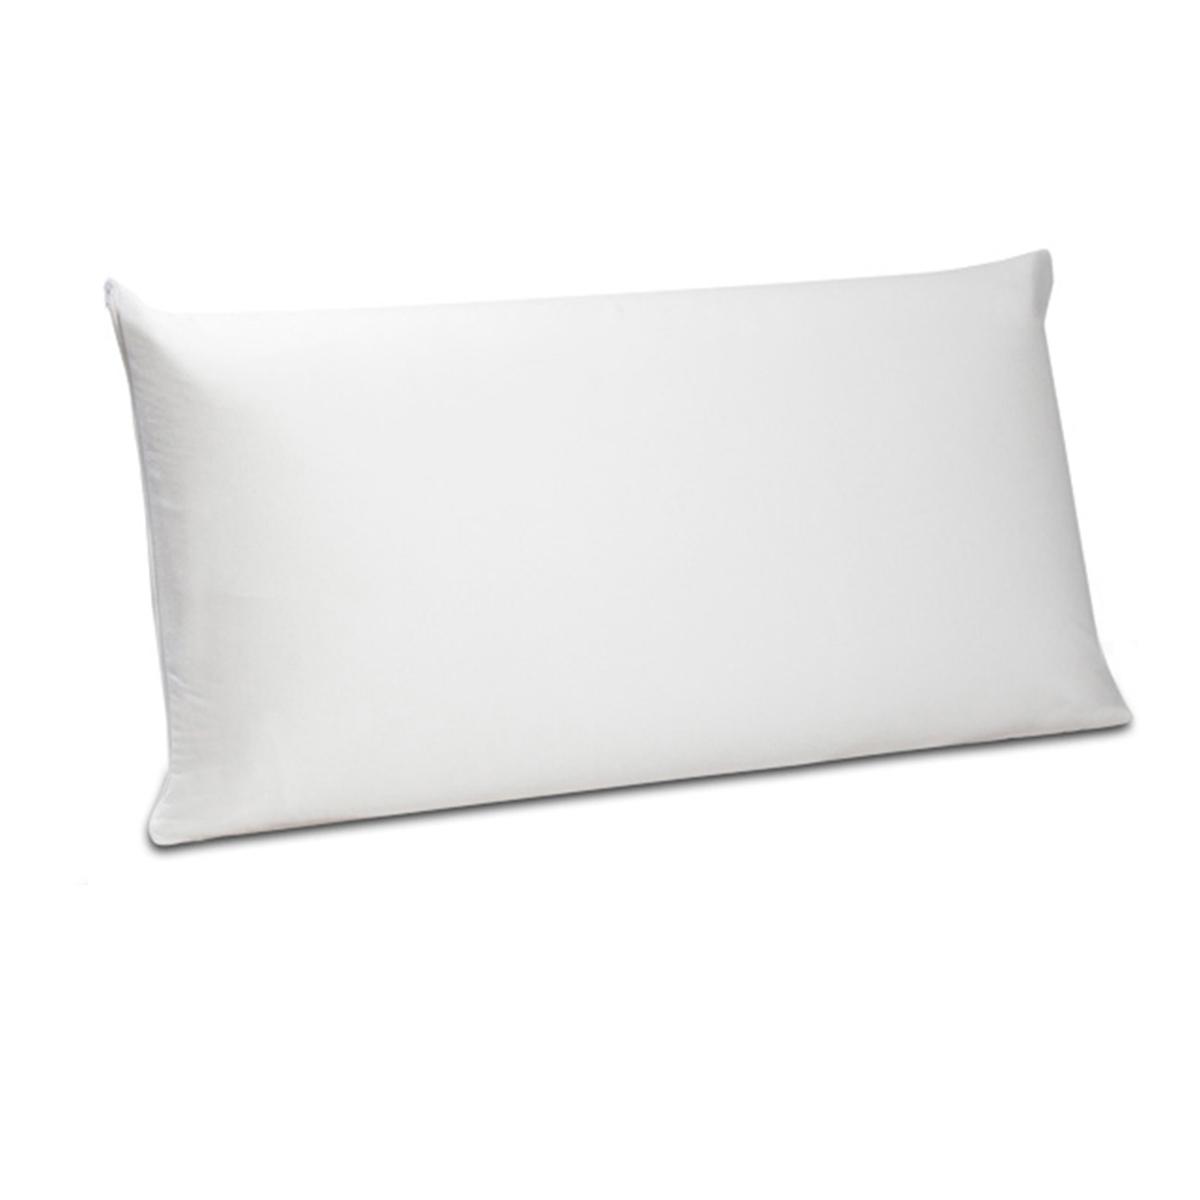 Чехол защитный непромокаемый на подушку-валик из 100% биохлопка